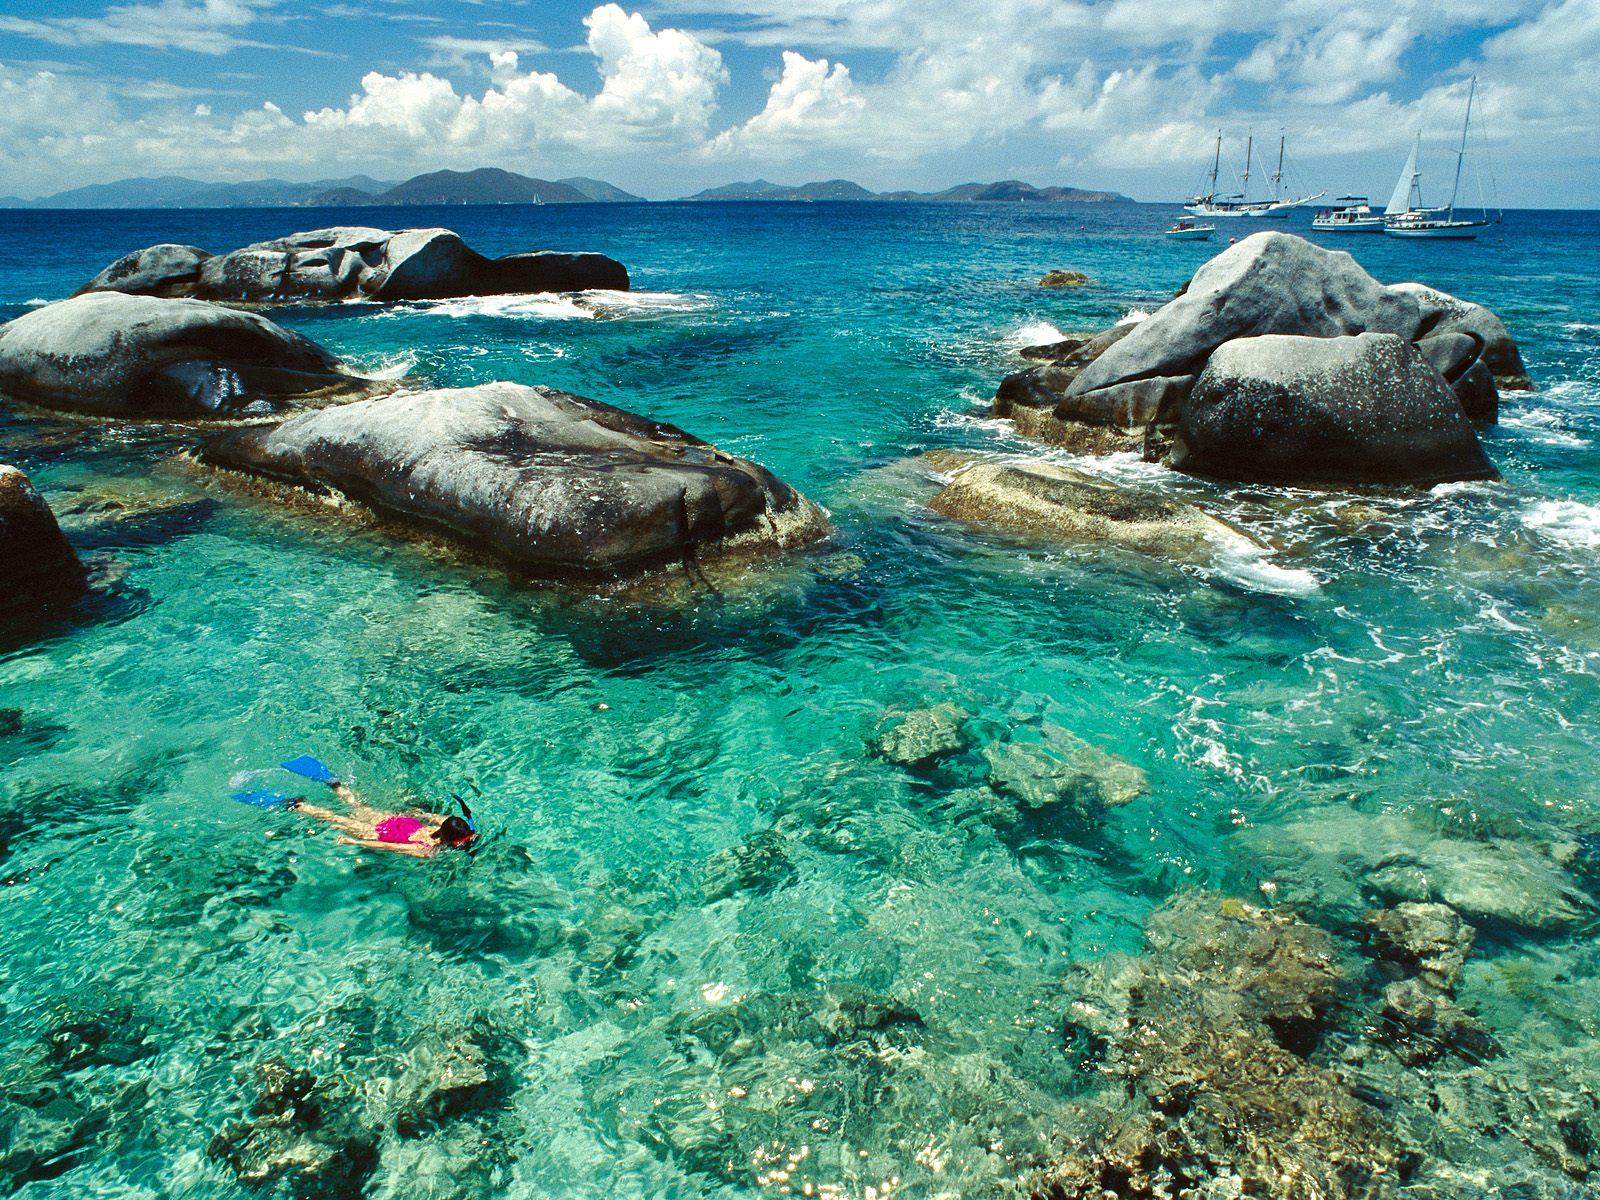 المناظر الطبيعية الرائعة في جزيرة روتنيست